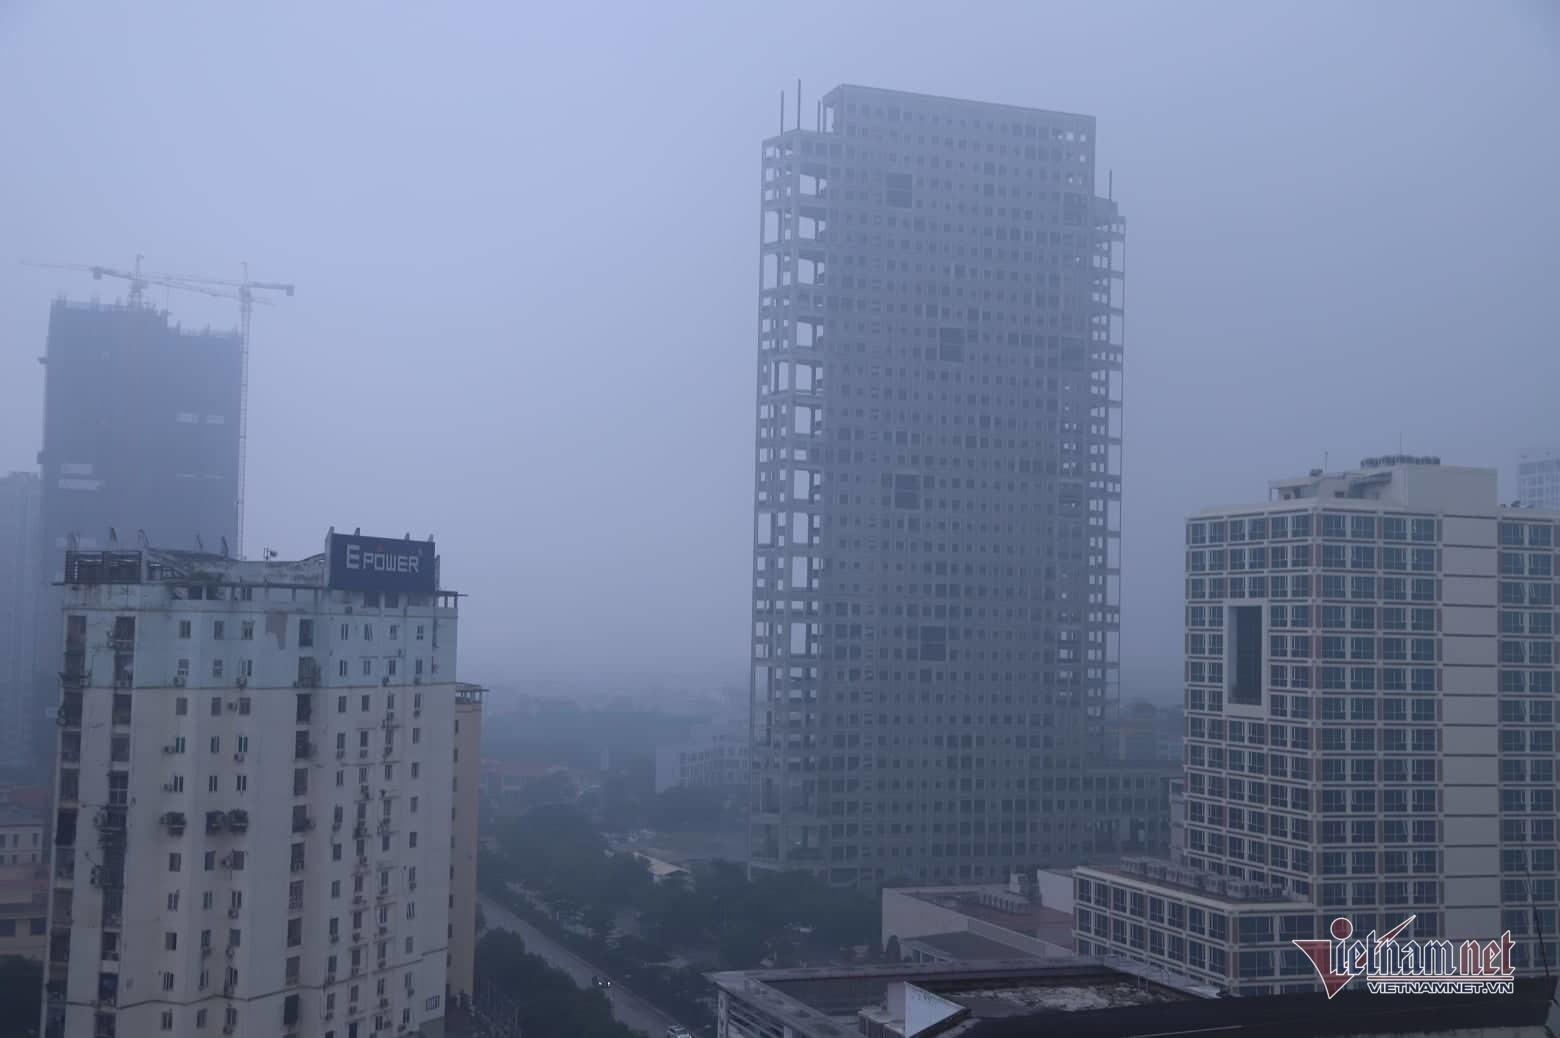 Sương mù giăng phủ Hà Nội, cao ốc mất hút